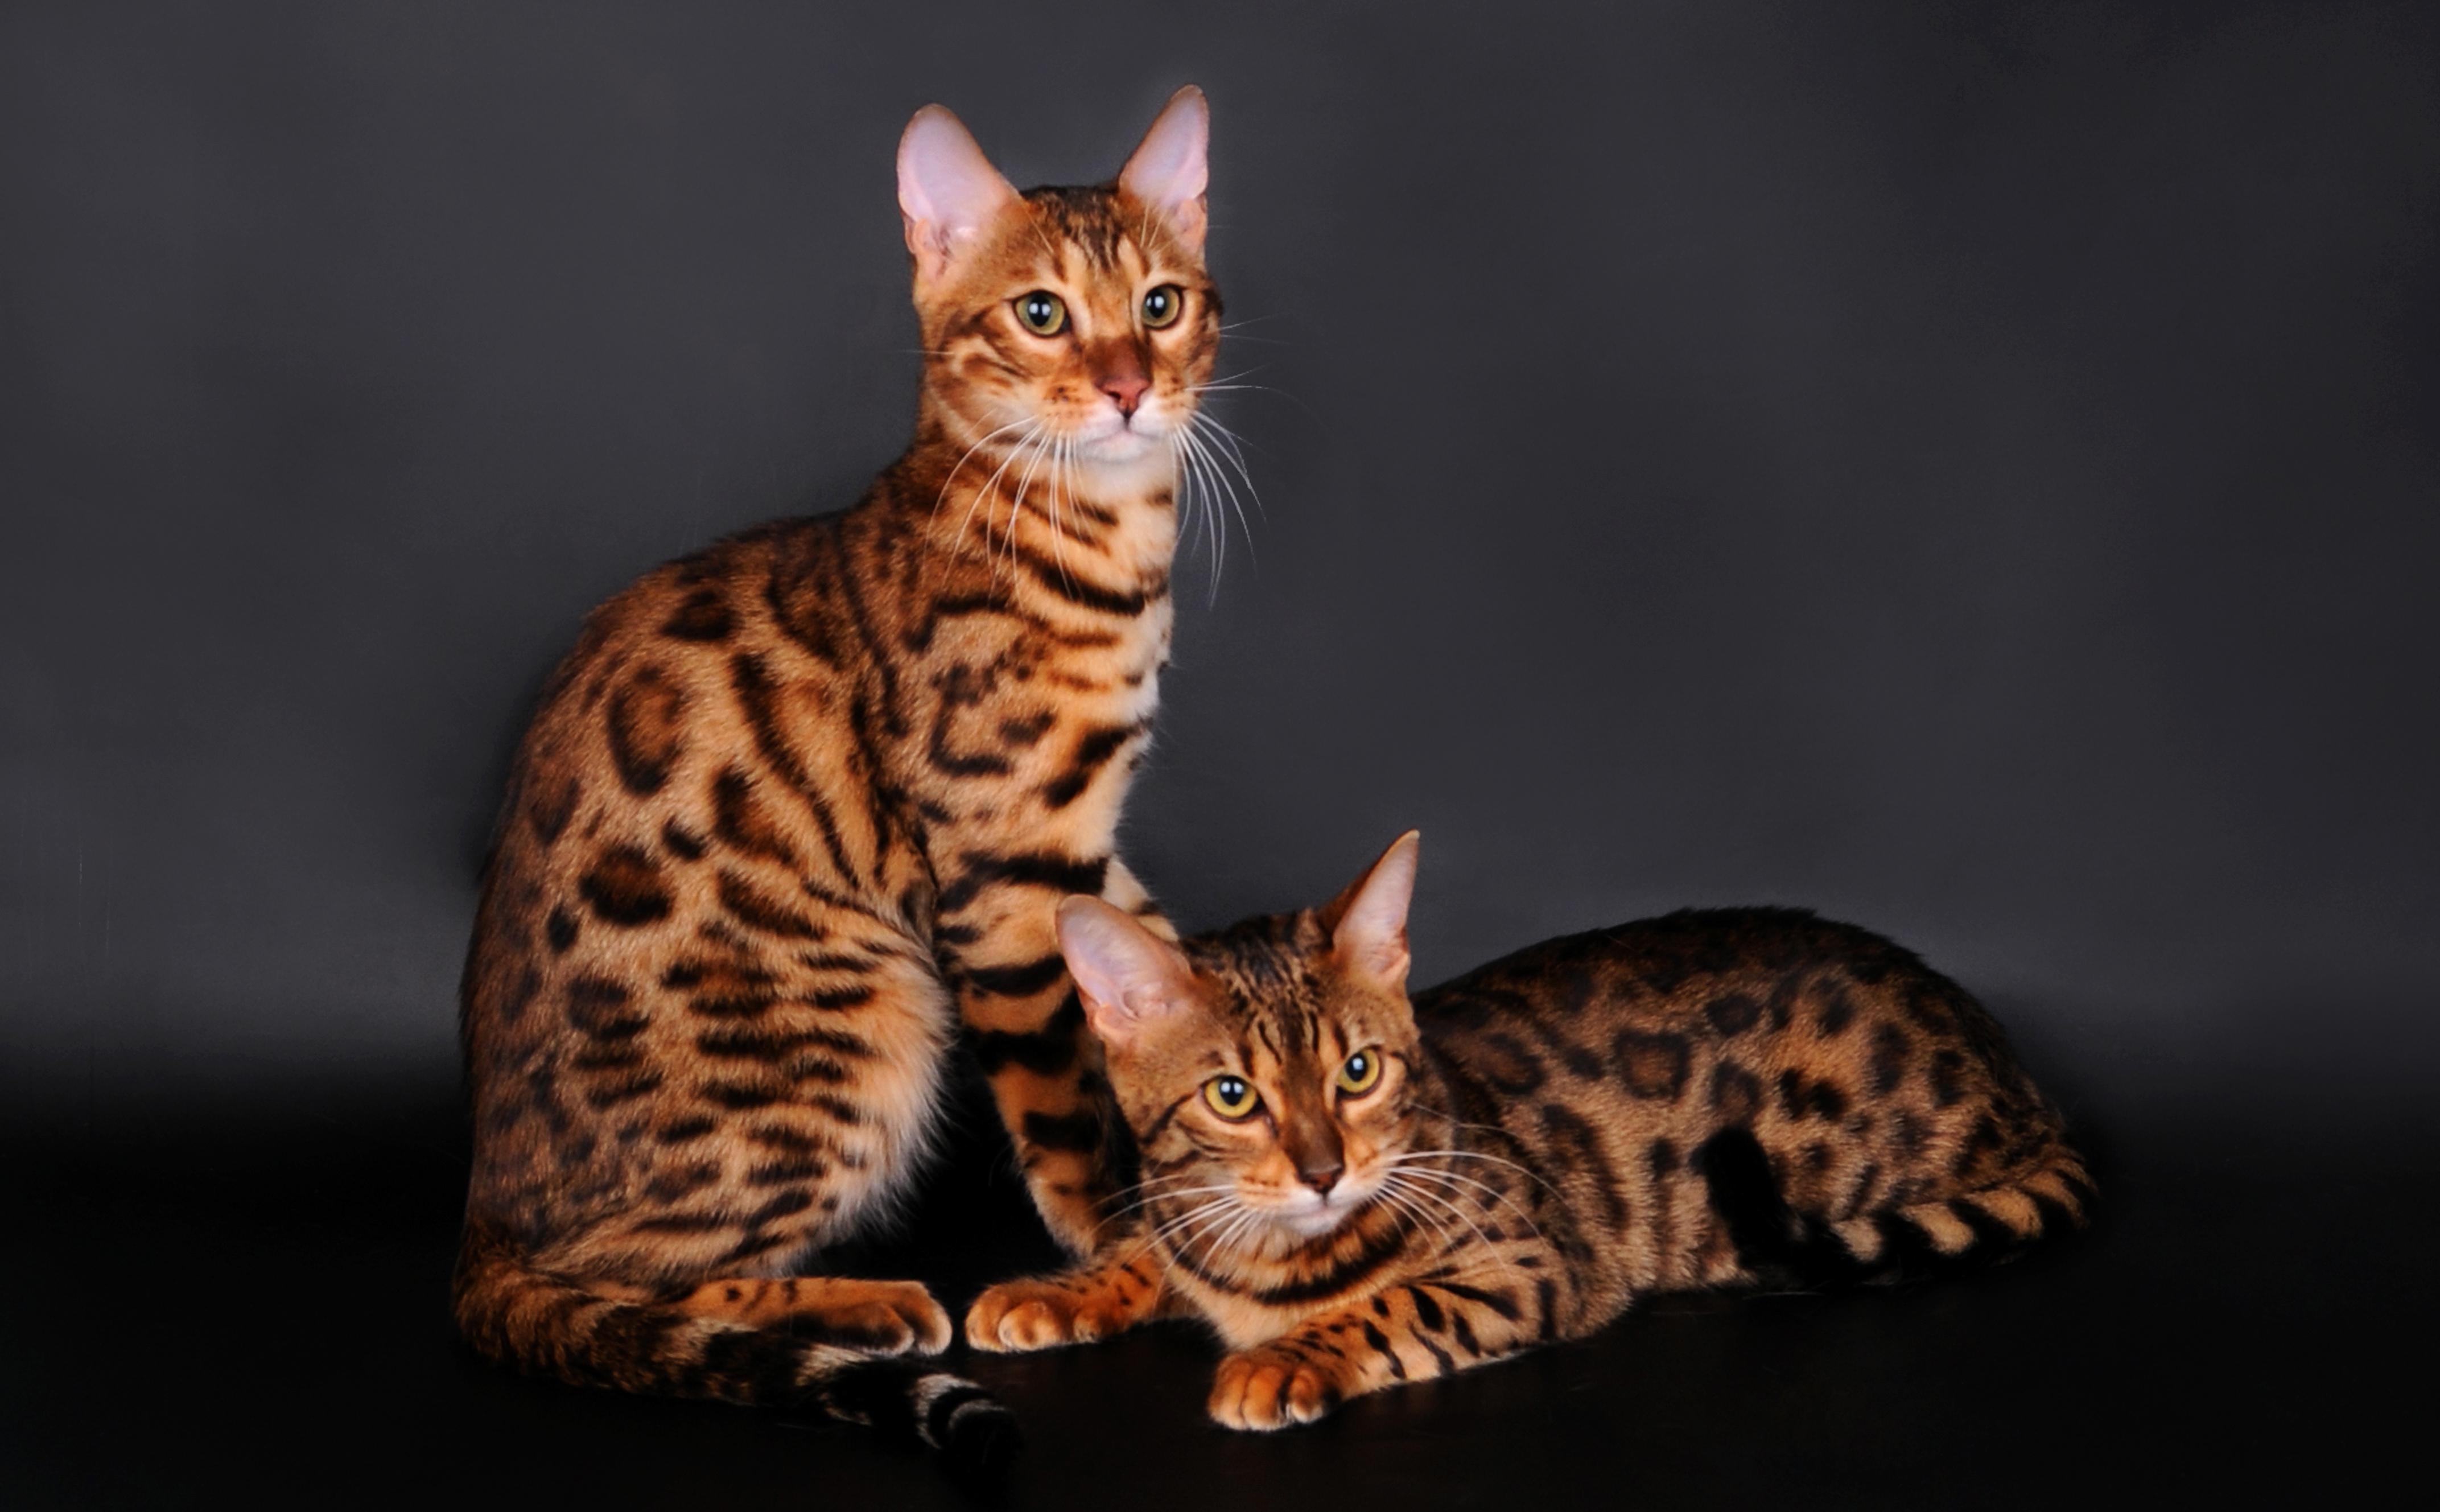 Обои на рабочий стол с бенгальскими кошками